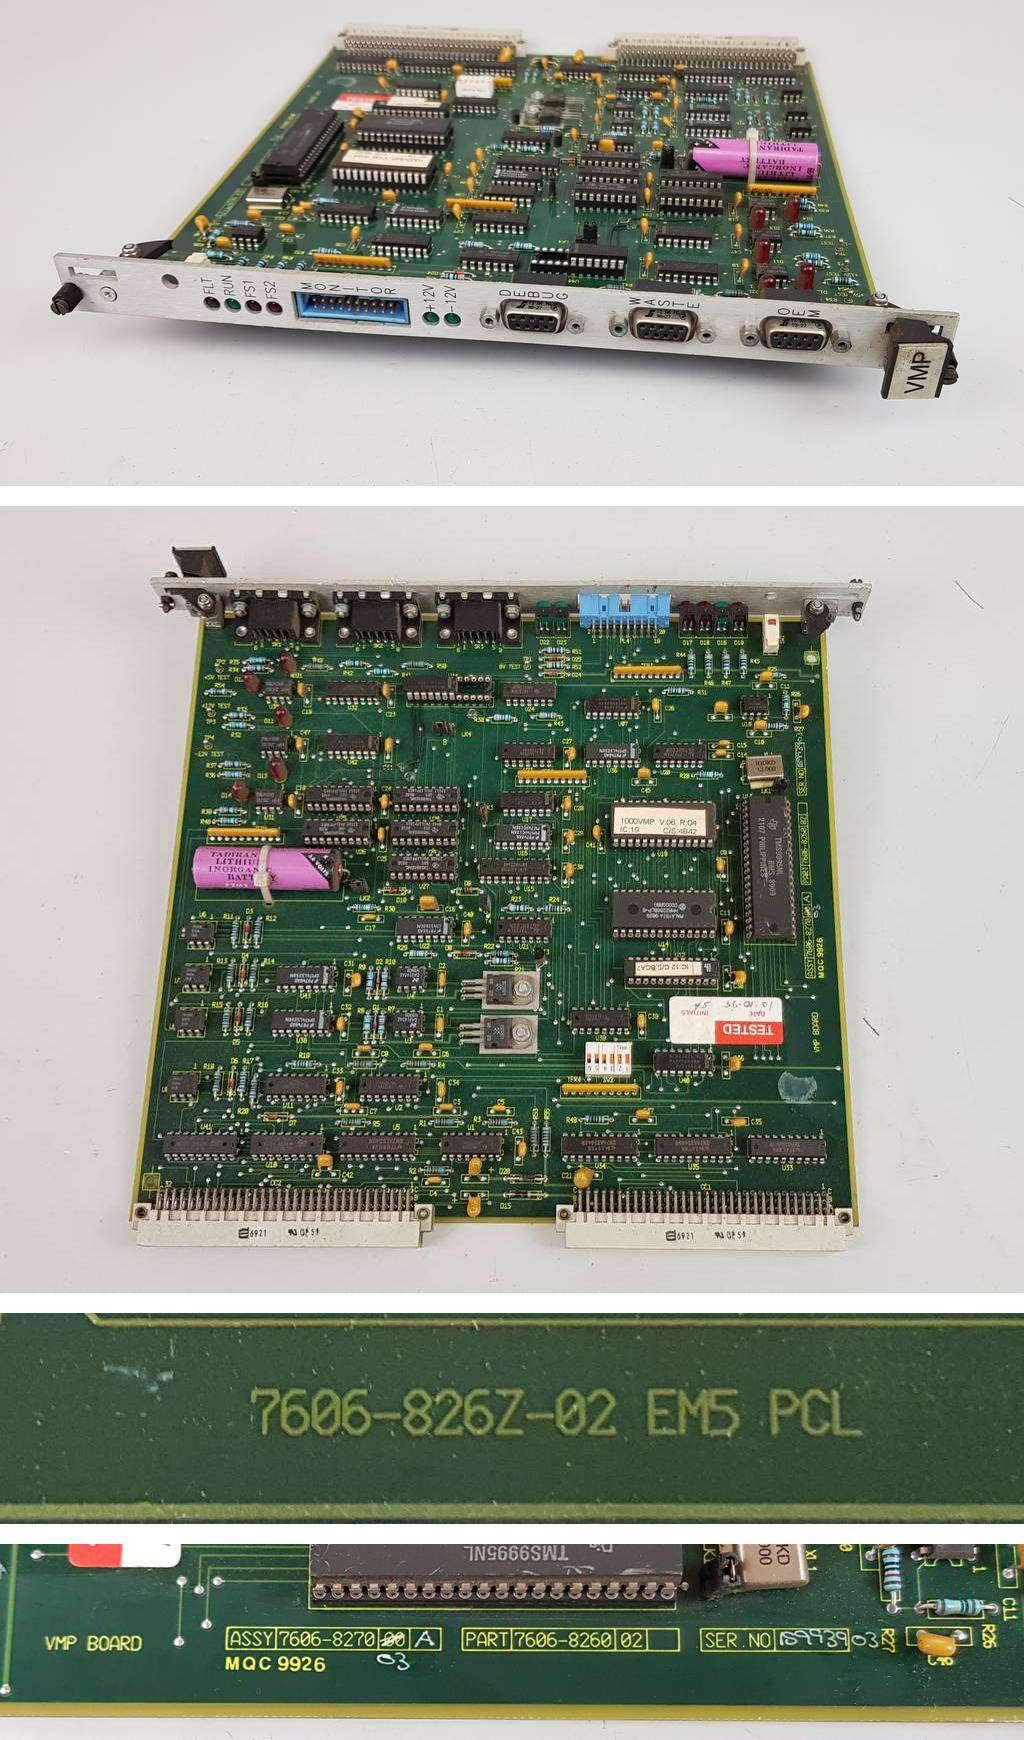 Crossfield VMP board 7606-8270